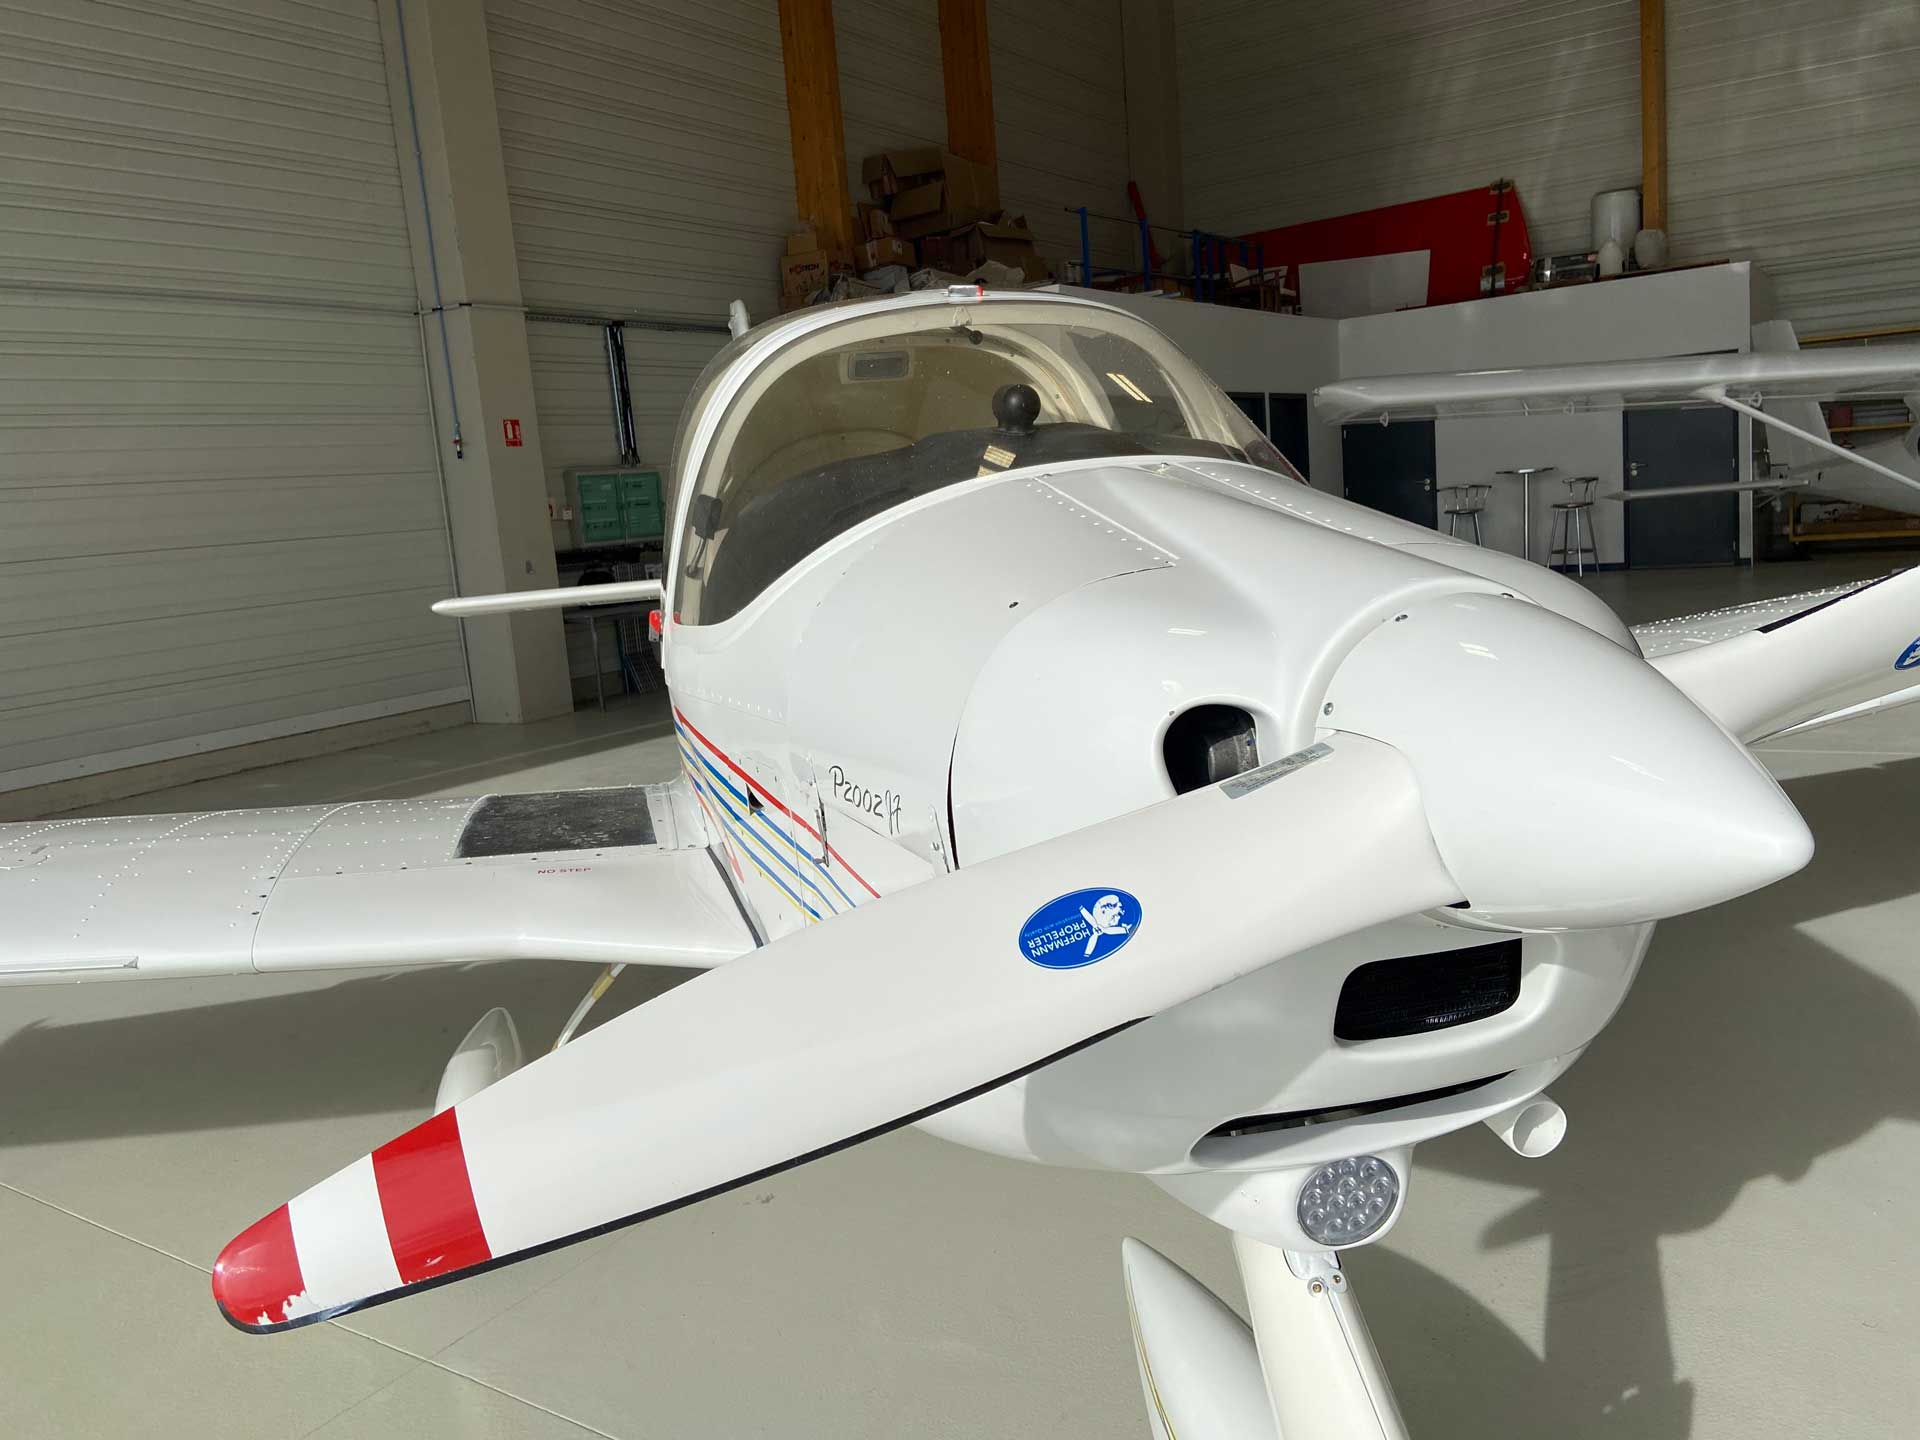 Vente d'avion d'occasion TECNAM P 2002 JF par ATA by Pelletier à Avignon